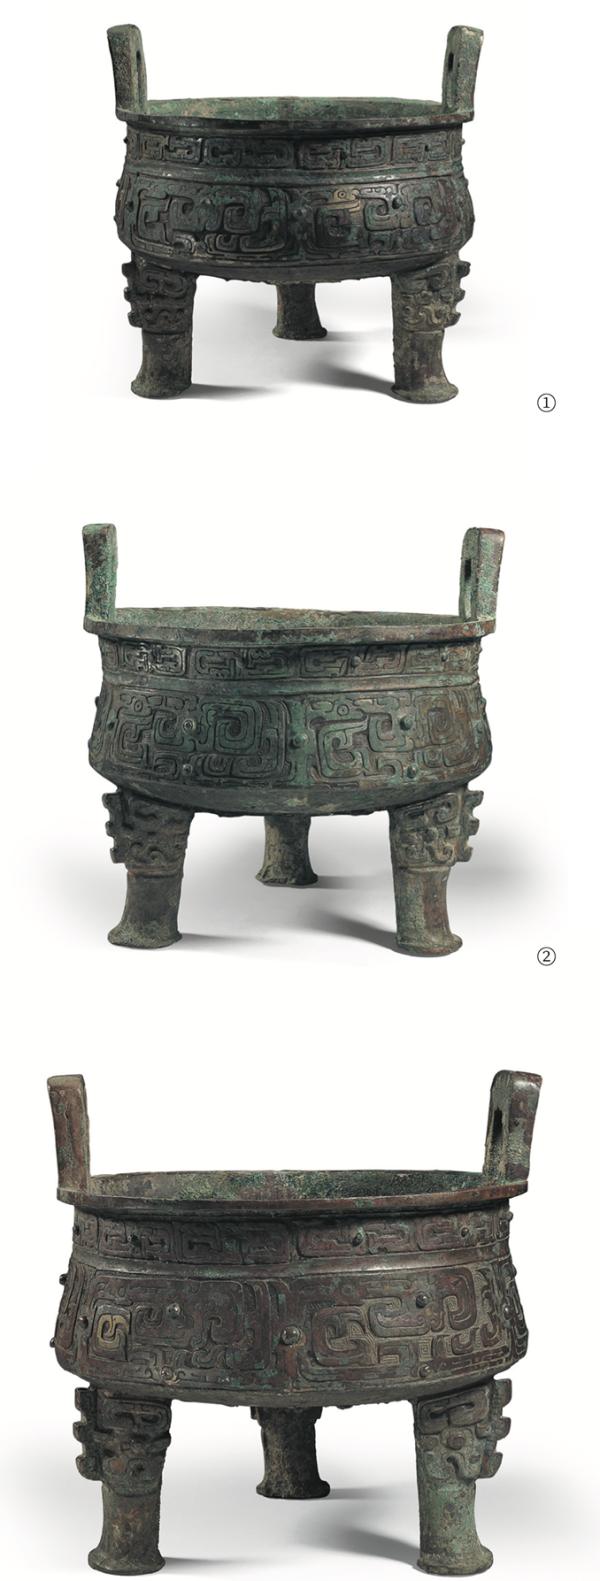 秦公鼎 ,春秋早期(公元前770年—前7世纪上半叶) ,高35.2厘米 口径35.5厘米 重15.2 千克,范季融先生 胡盈莹女士捐赠